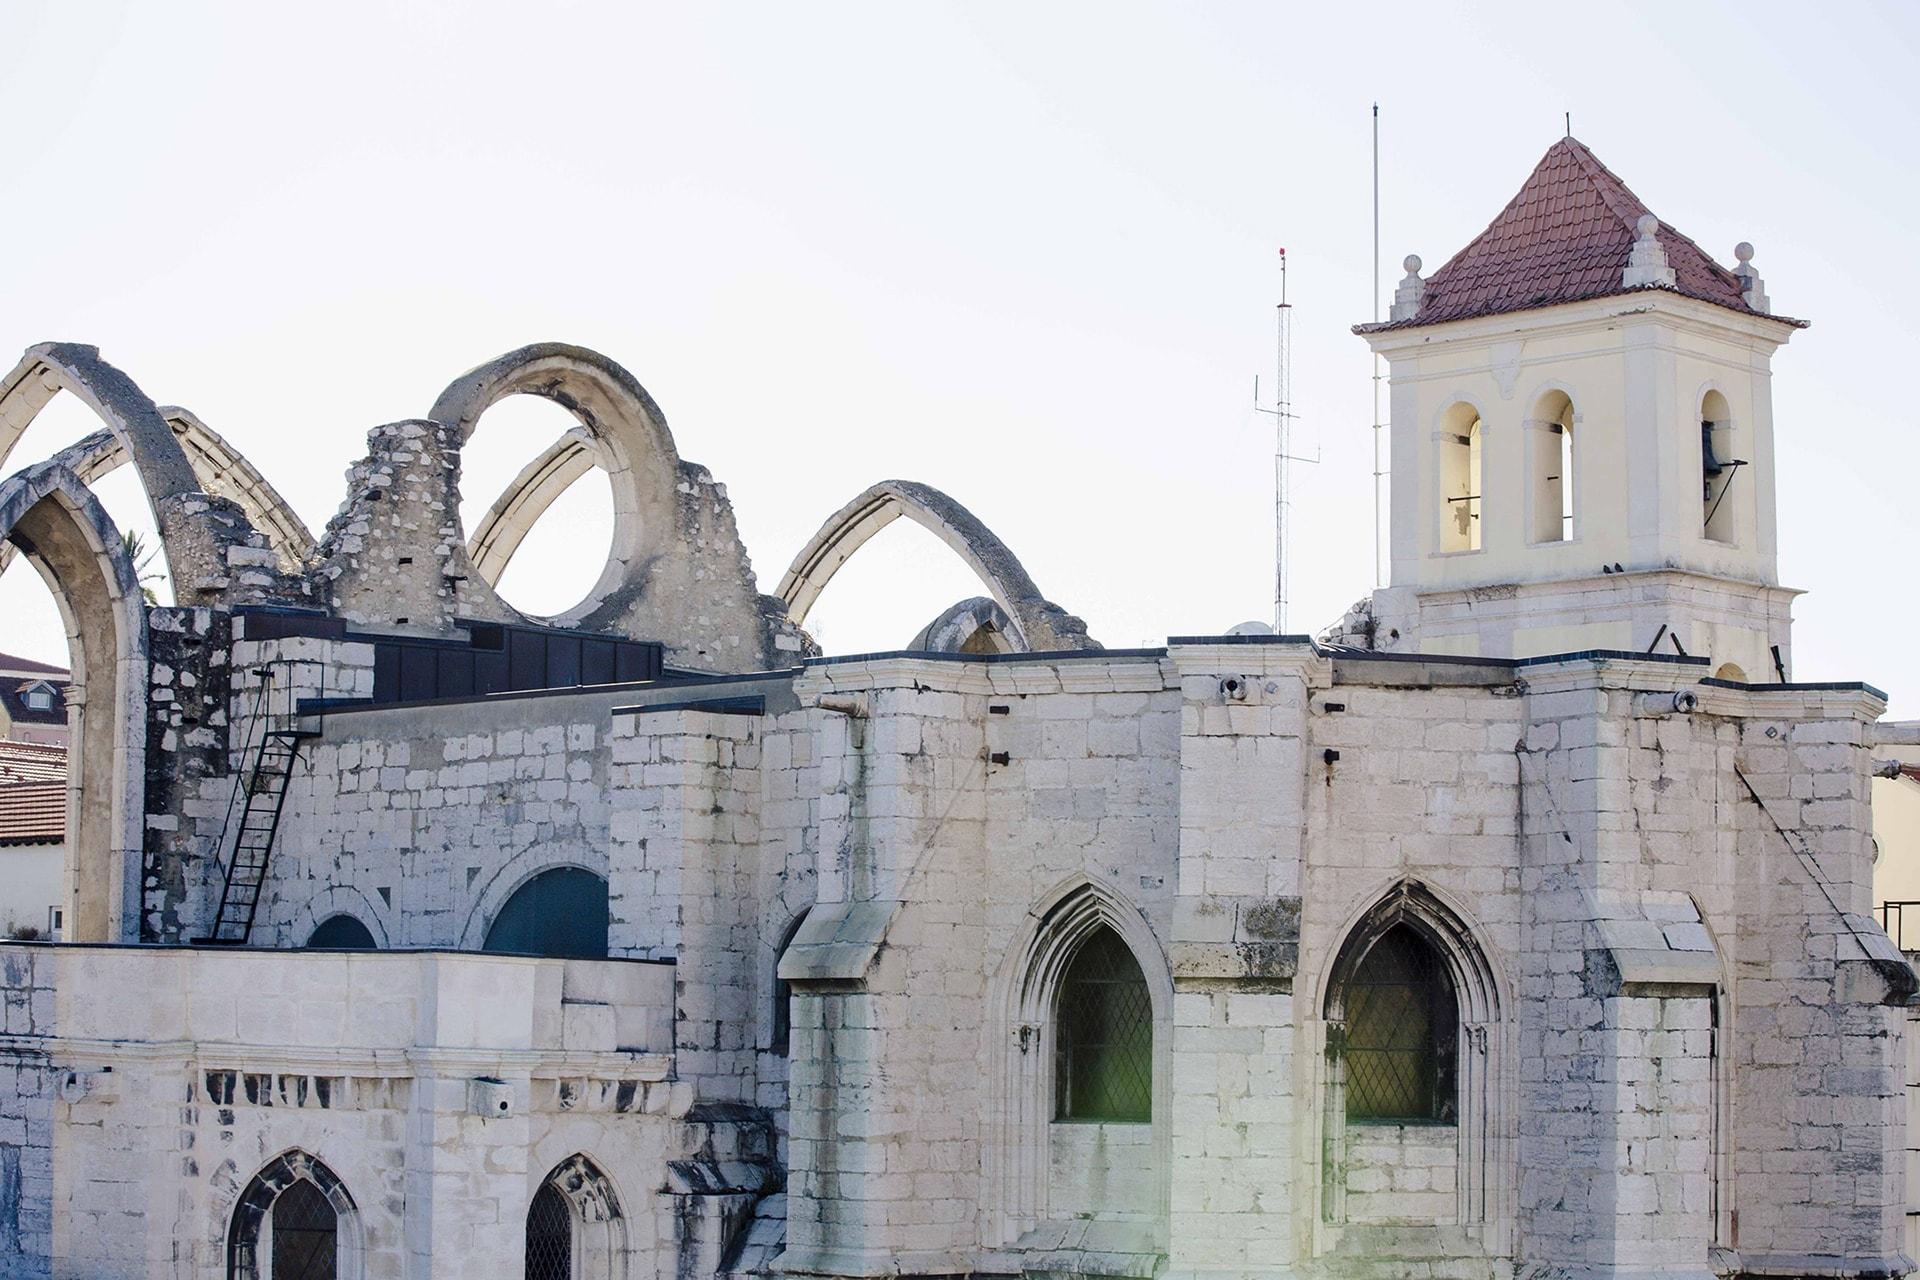 Les arcs en ogives qui soutenaient la nef du Couvent des Carmes de Lisbonne